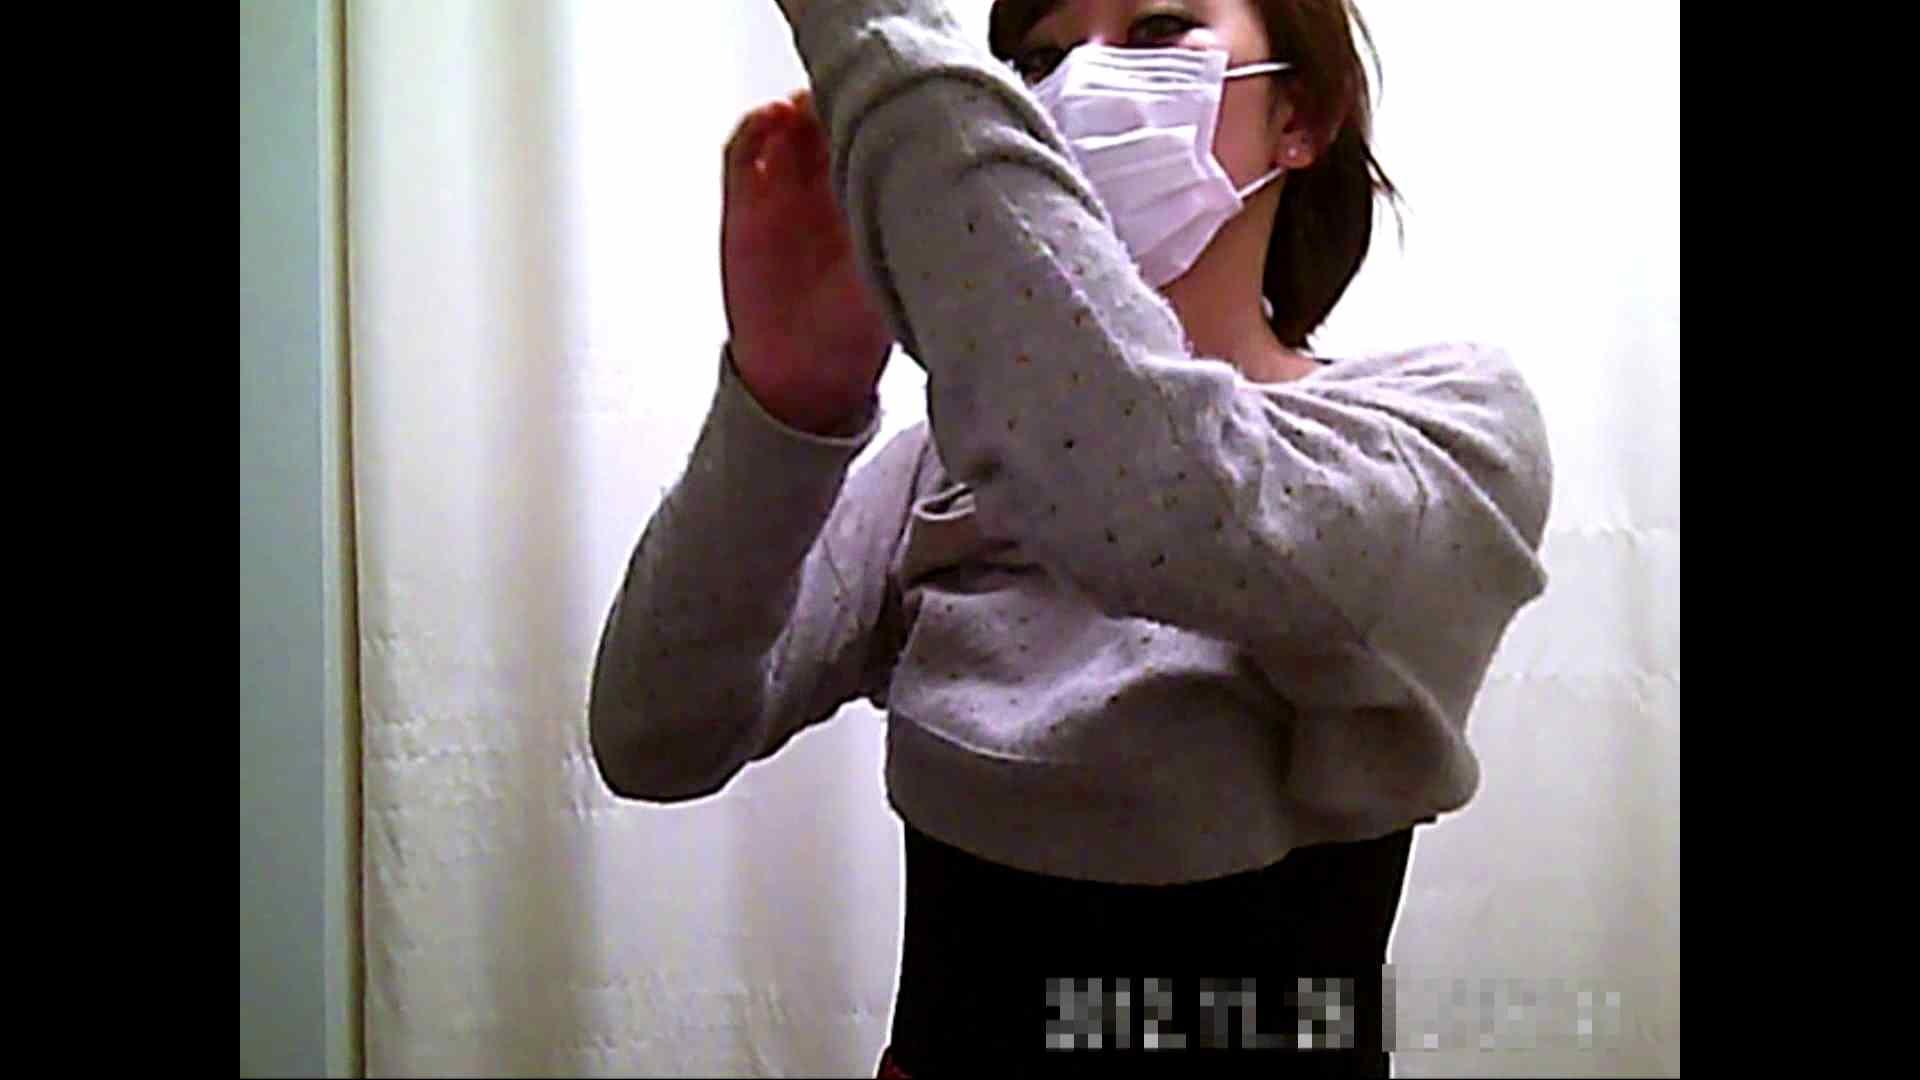 元医者による反抗 更衣室地獄絵巻 vol.137 OLハメ撮り  90Pix 62